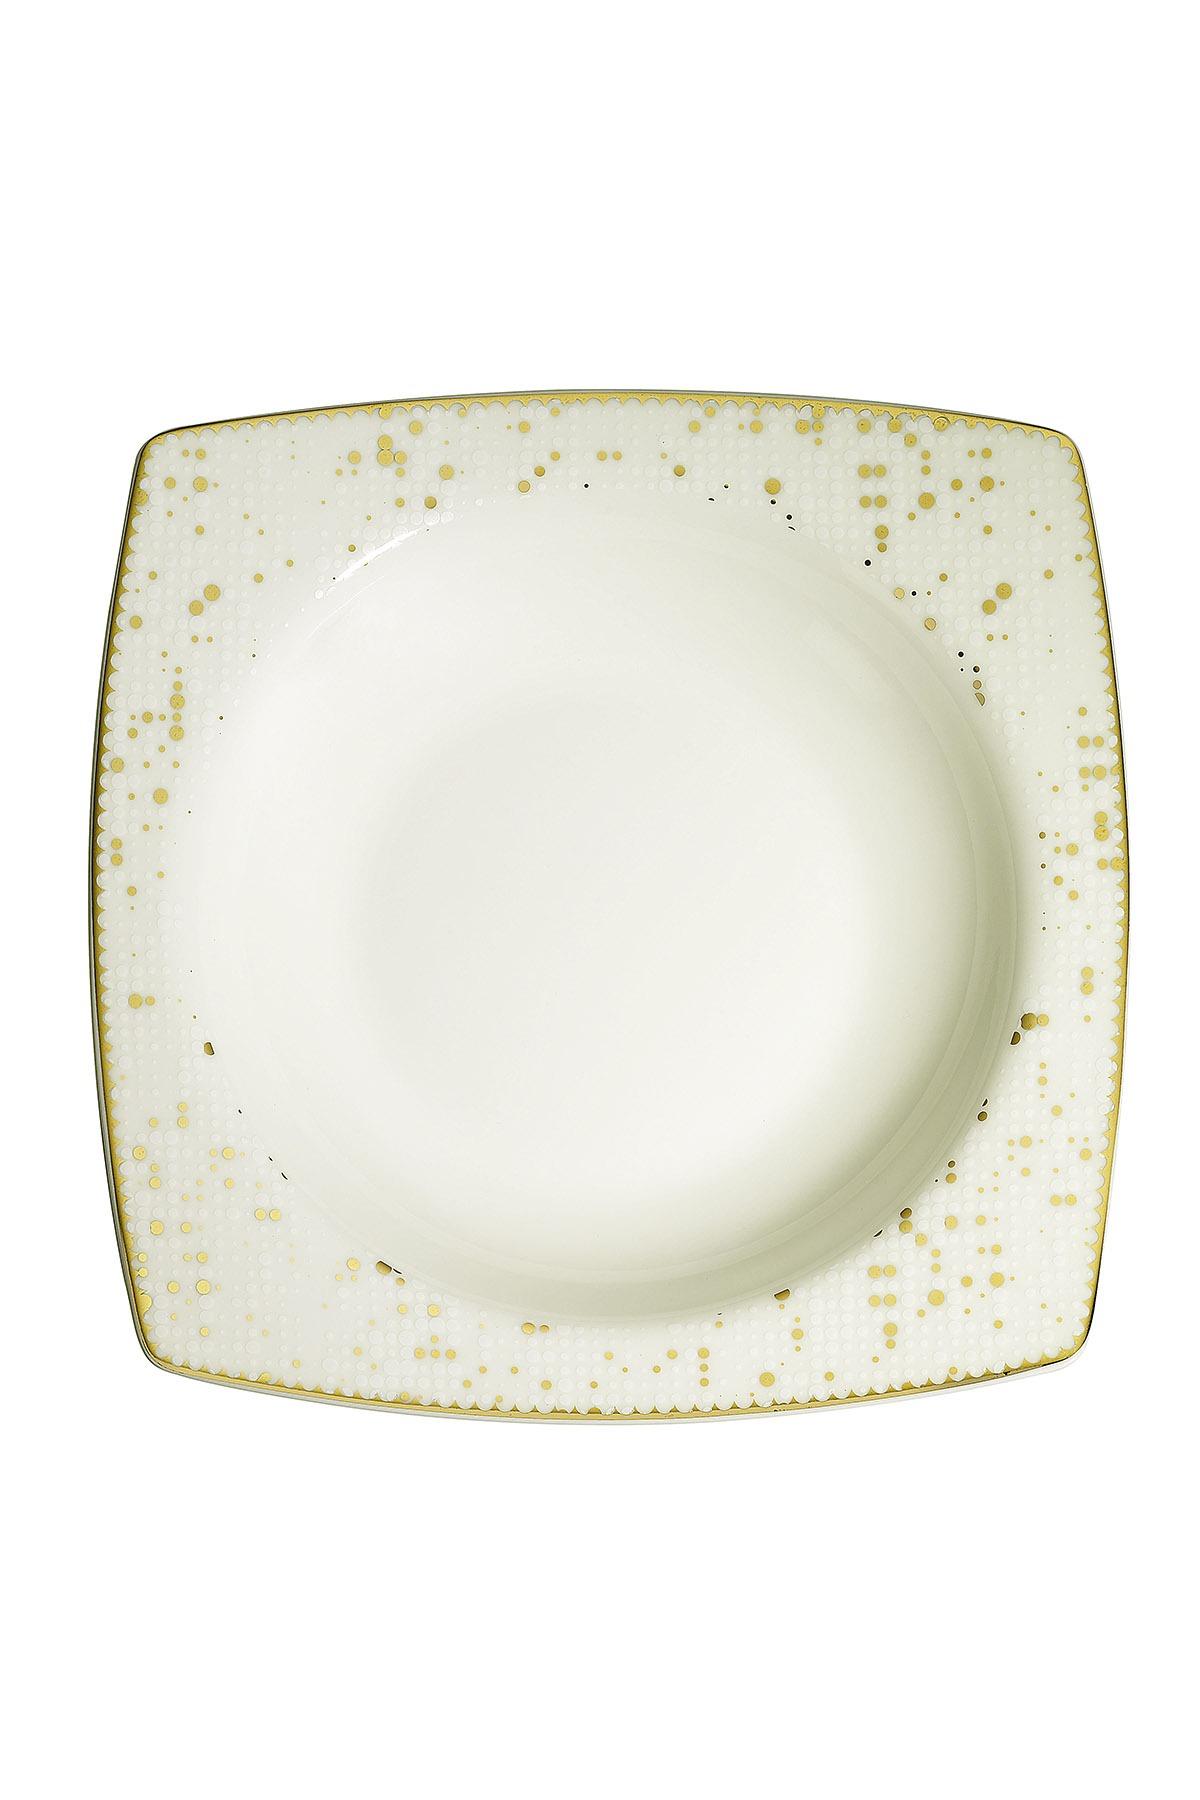 Kütahya Porselen Bone Mare 68 Parça 10372 Desenli Yemek Takımı